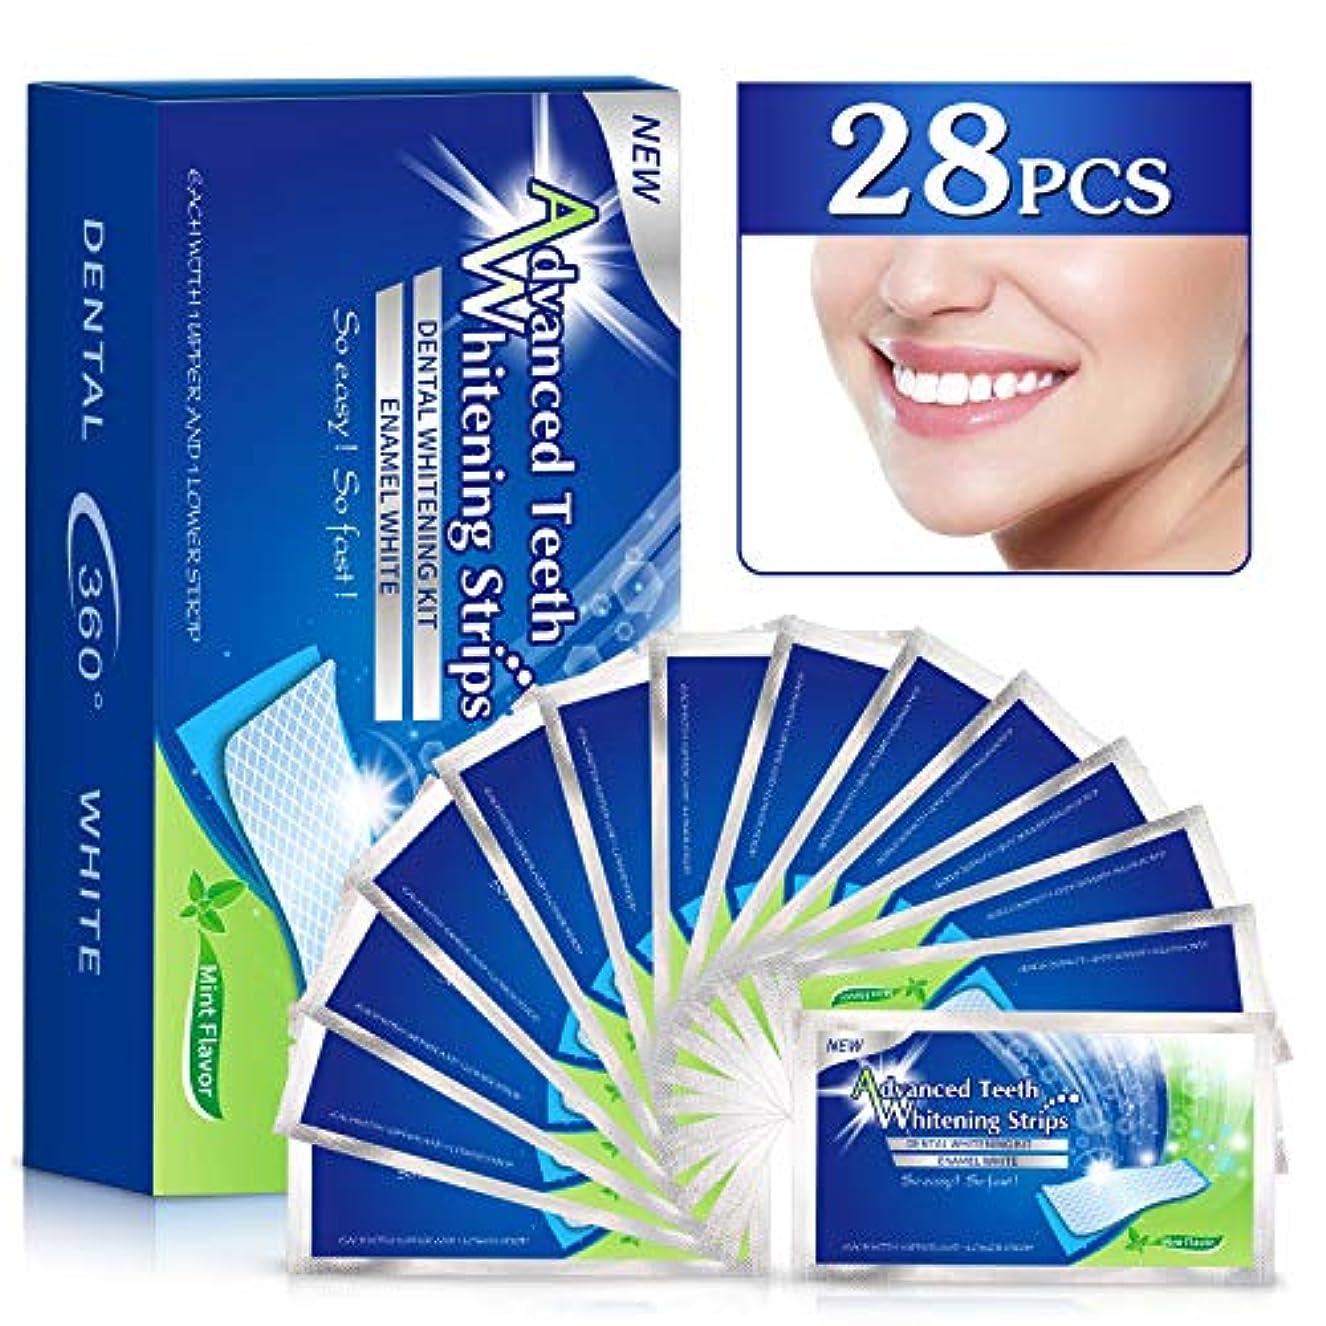 バーゲン恐怖症シマウマCOULAX 歯 美白 ホワイトニング 歯マニキュア 歯ケア テープ 14セット 28枚入